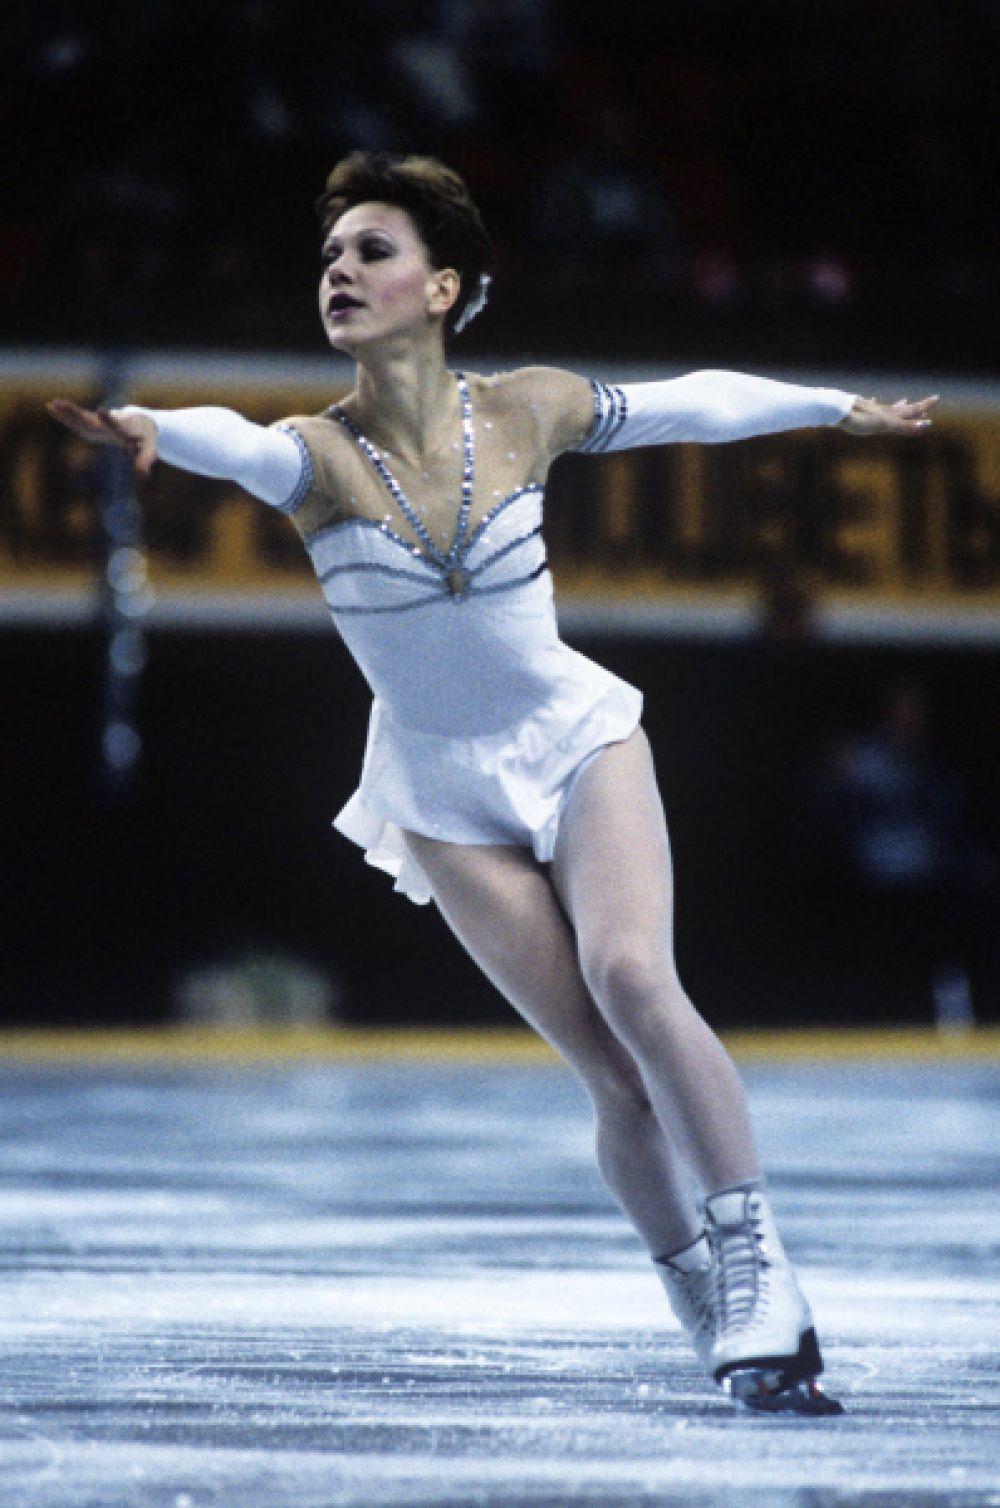 Кира Иванова была первой отечественной фигуристкой, завоевавшей медаль на Олимпийских играх - это была «бронза» на Играх в Сараево.